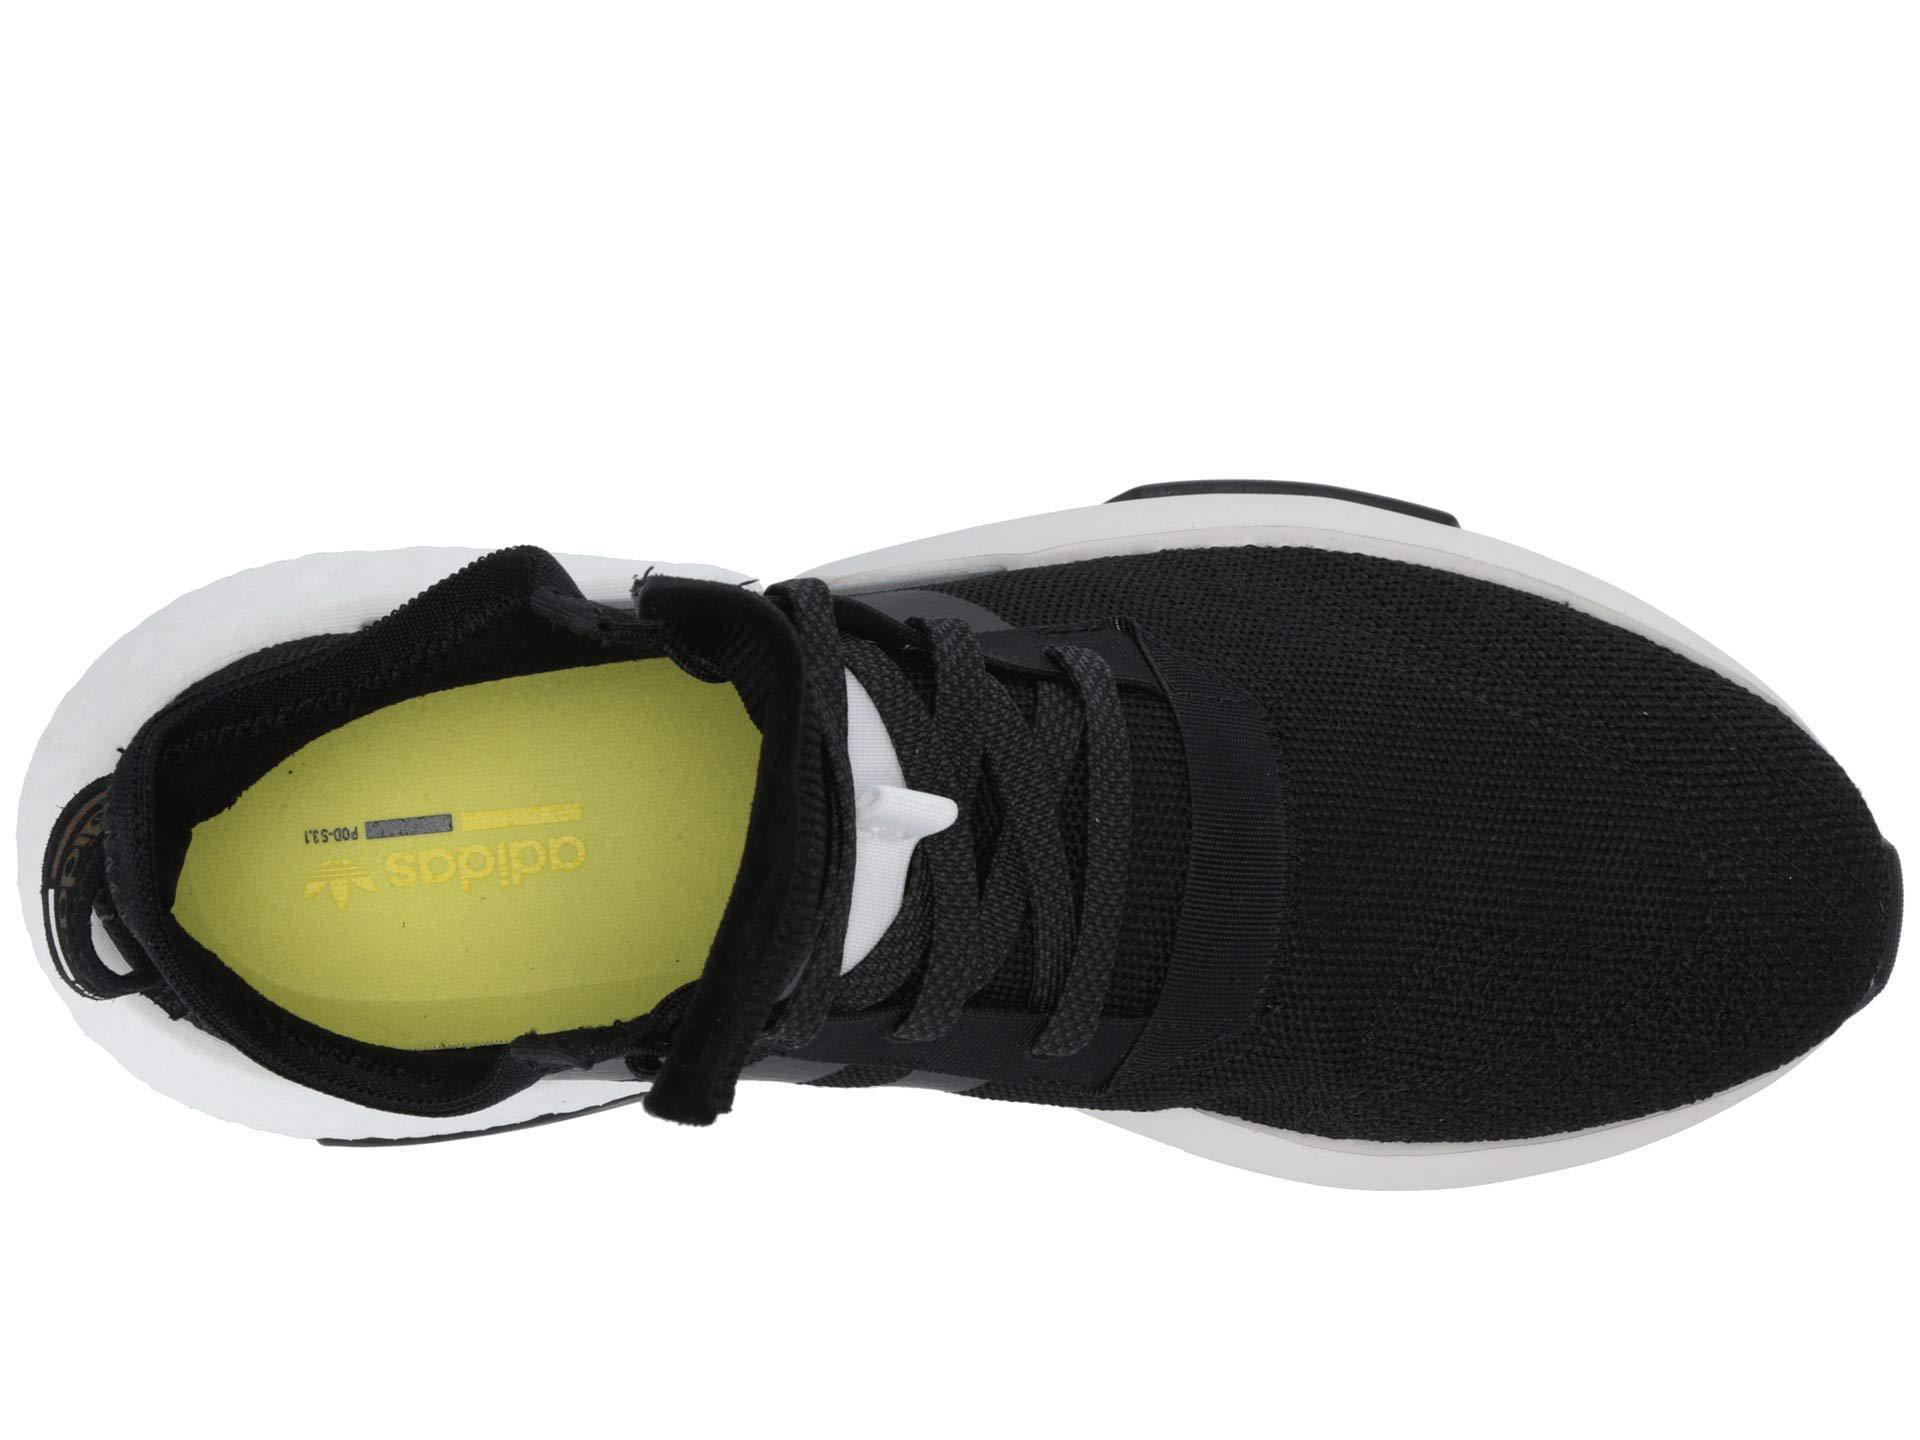 d61e9bc7a3fa6 Lyst - adidas Originals Pod-s3.1 (grey Two F17 grey Two F17 ...